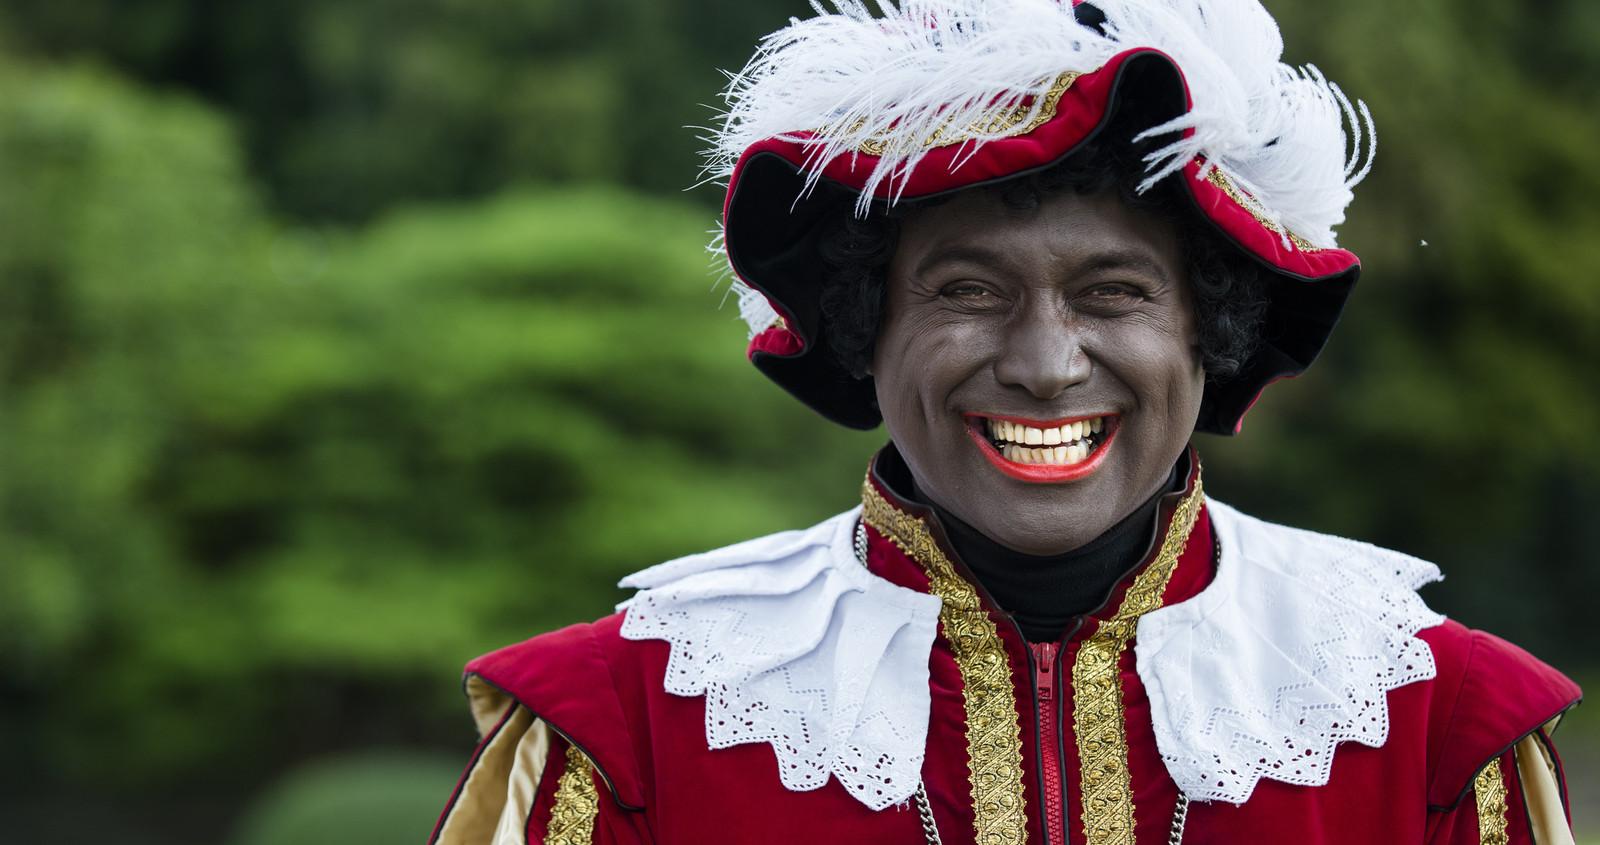 Harold Verwoert als Piet Diego tijdens een onderbreking van de opnames voor de film 'Sinterklaas & Diego: het geheim van de ring' in kasteel De Haar.